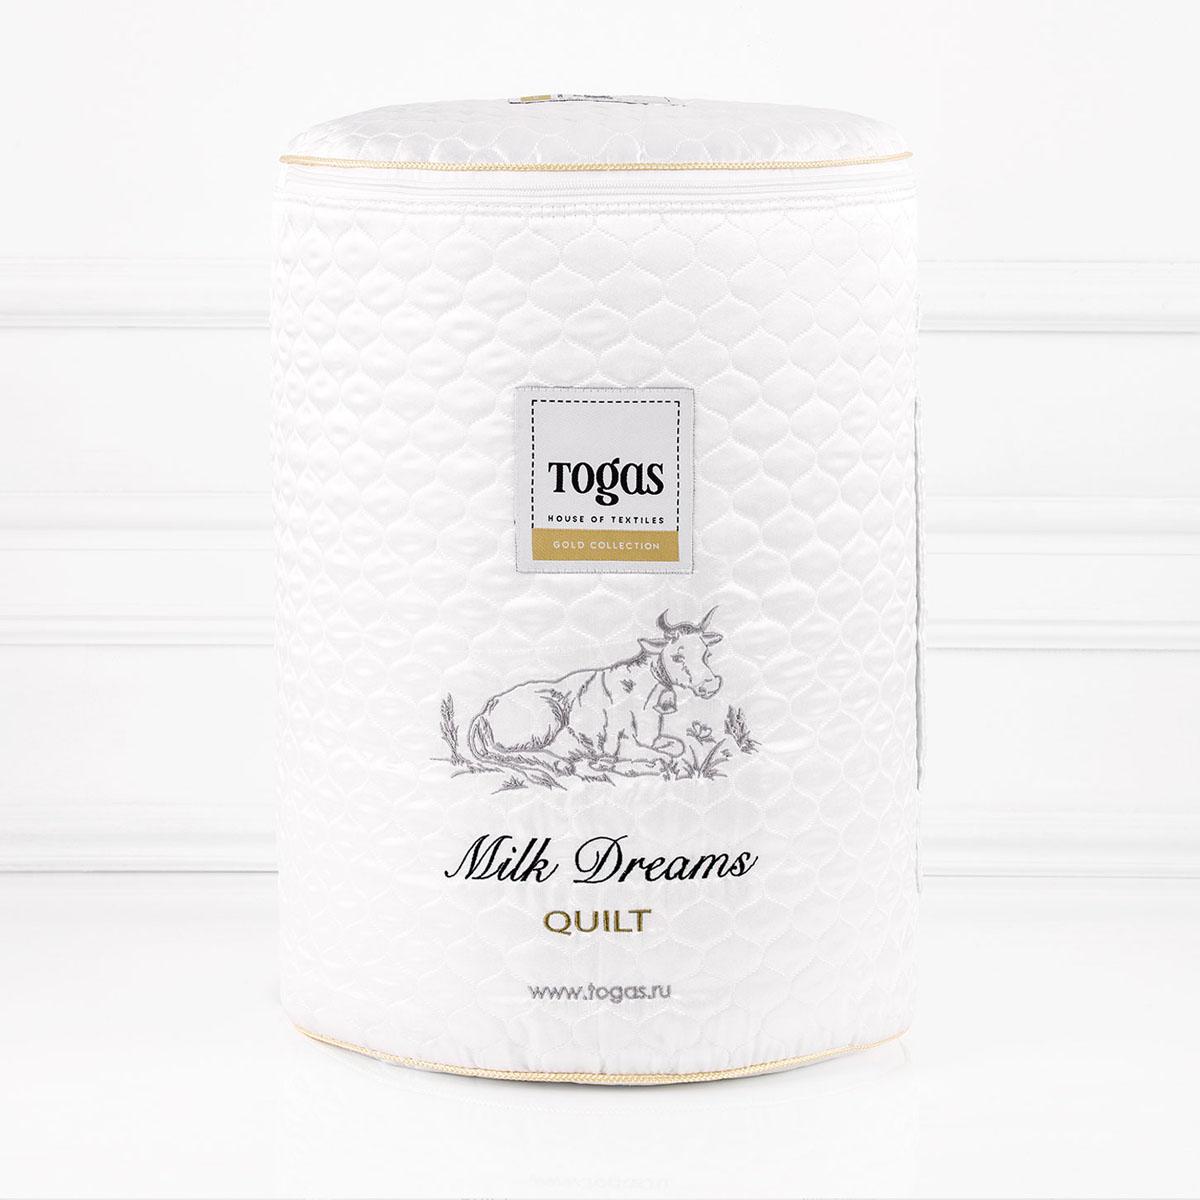 Милк Дримс одеяло 220х240 вес: 200гр/м220.04.16.0097остав: чехол - 100% модал-жаккард; наполнитель - молочное волокно, саше: запах лаванды. Степень тепла: всесезонное Детали: одеяло кассетное, классический крой, двойная отстрочка, окантовка фиолетовым шнуром, наполнитель - молочное волокно . Цвет: белый. Размер: 220x240. 1 предмет. Уход: Возможна сухая химическая чистка с использованием исключительно химических чистящих средств, содержащих углеводород, бензин, хлорный этилен или монофтортрихлорметан, либо щадящая стирка при температуре 40 °С. После стирки одеяло необходимо расположить на ровной горизонтальной поверхности и оставить до полного высыхания. Одеяло МИЛК ДРИМС.Молочные или белковые волокна - это текстильный наполнитель, который производят путем полимеризации белков казеина , входящих в состав молока. Они характеризуются своей мягкостью, отличными теплоизоляционными свойствами, а по показателям гигроскопичности даже превосходит шерсть. Белковые волокна считаются экологически чистыми и полезными для здоровья. Содержат...